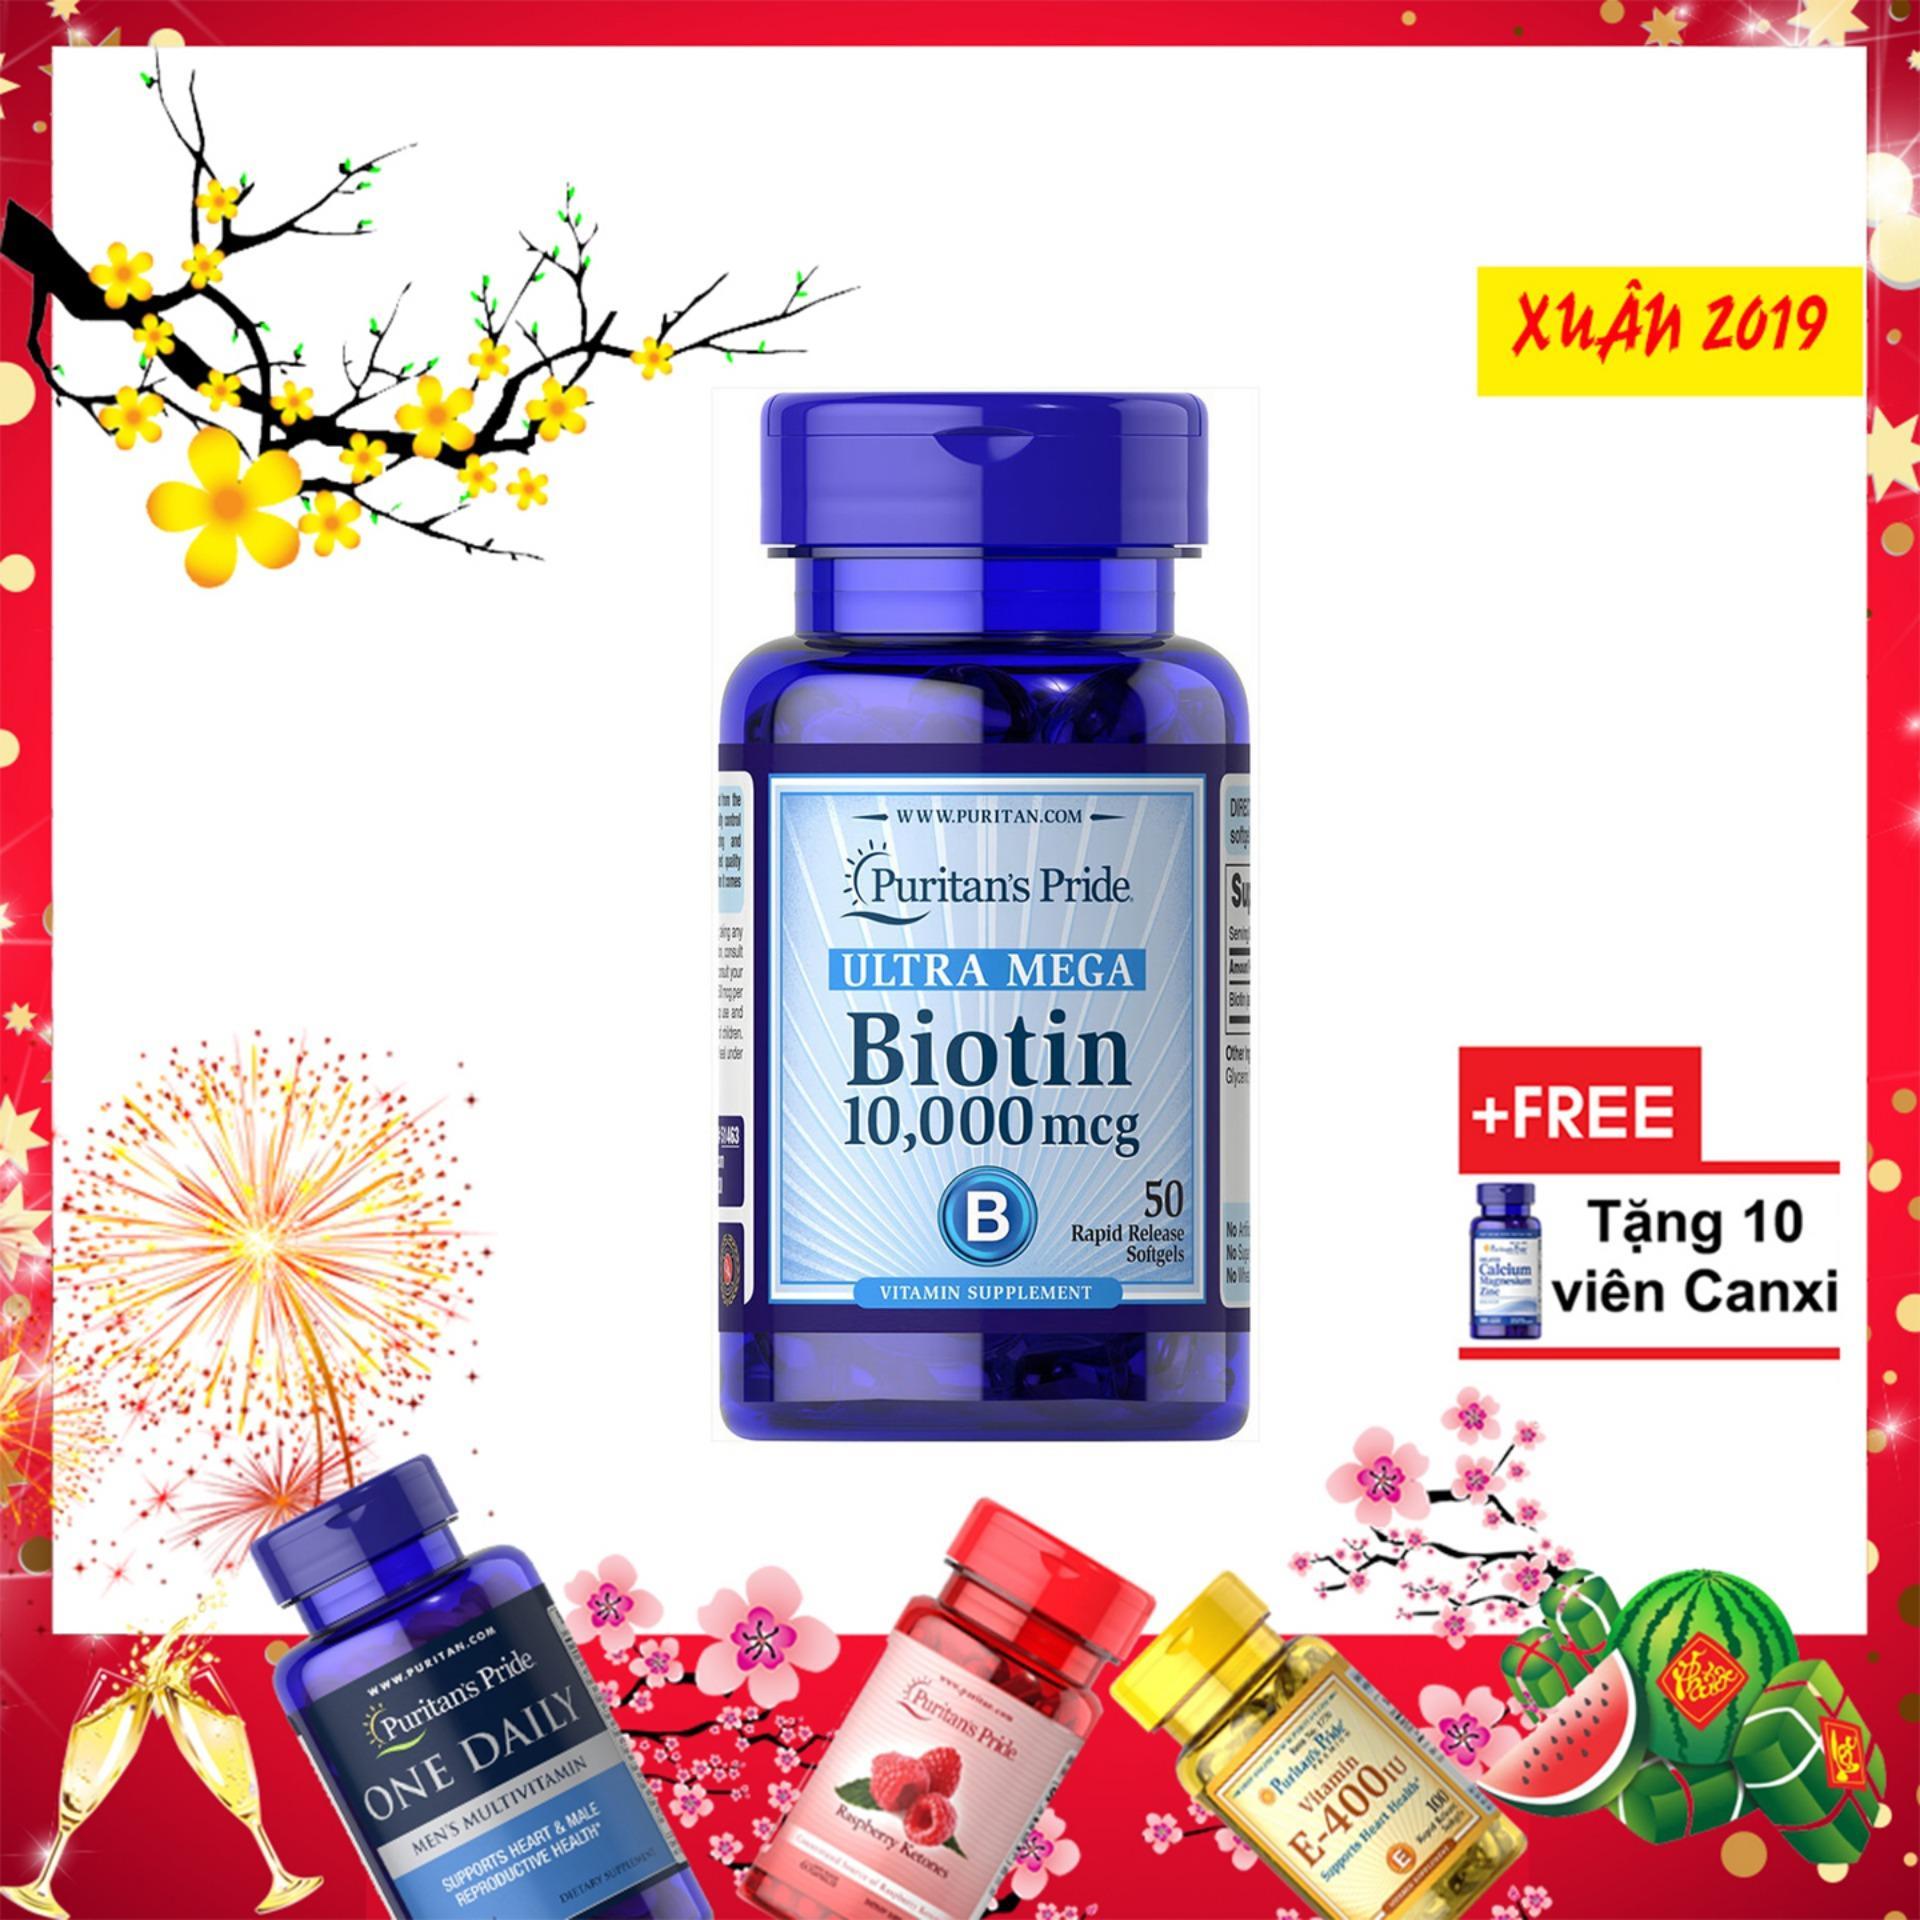 Viên uống mọc tóc Biotin 10,000 mcg 50 viên ,Giảm tóc gẫy dụng ,kiềm dầu cho da nhờn Ultra Mega biotin Puritan's pride